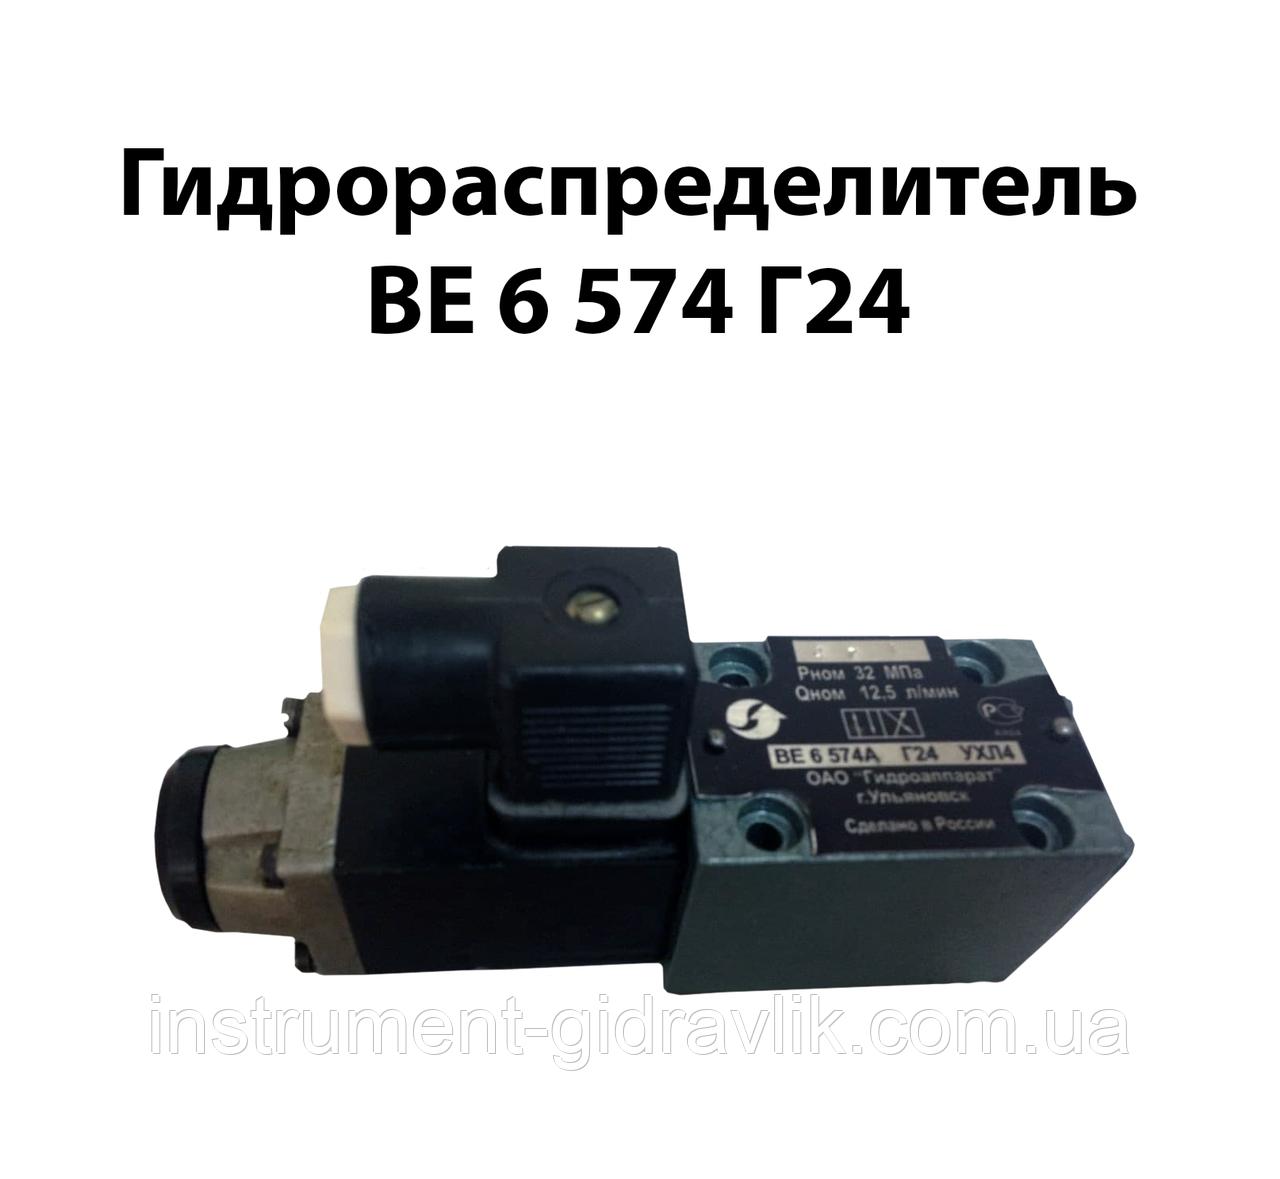 Гидрораспределитель ВЕ 6 574А Г24